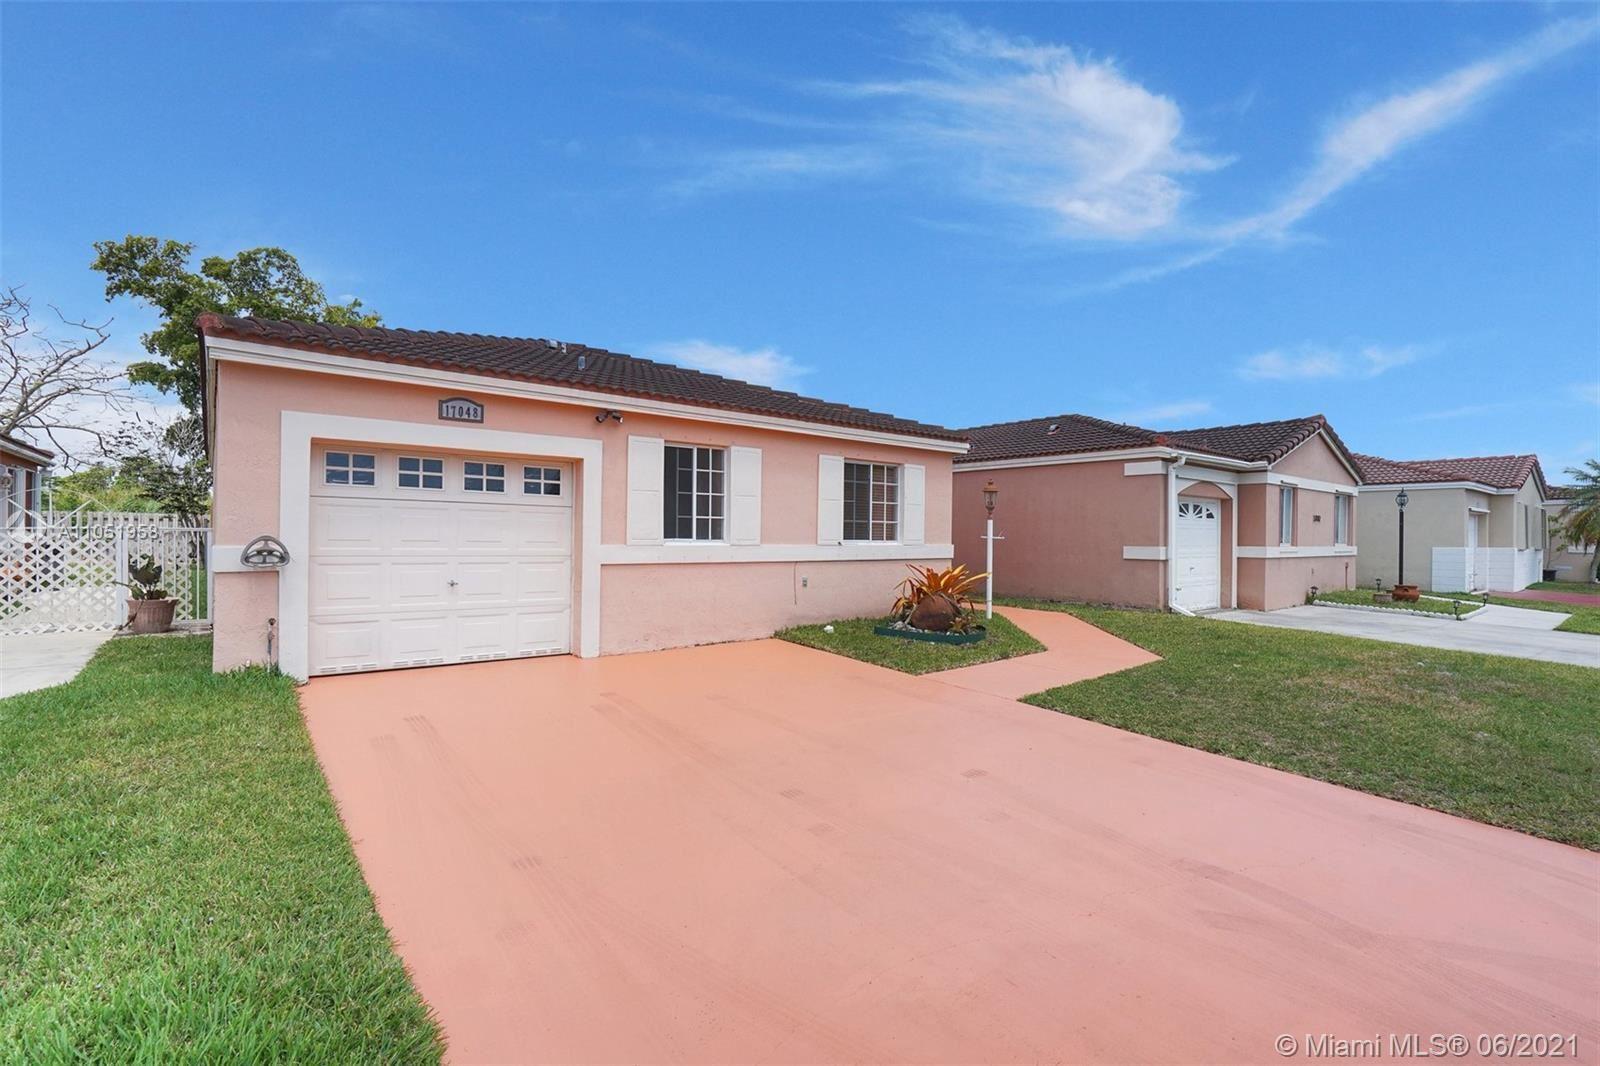 17048 SW 142nd Pl, Miami, FL 33177 - #: A11051958